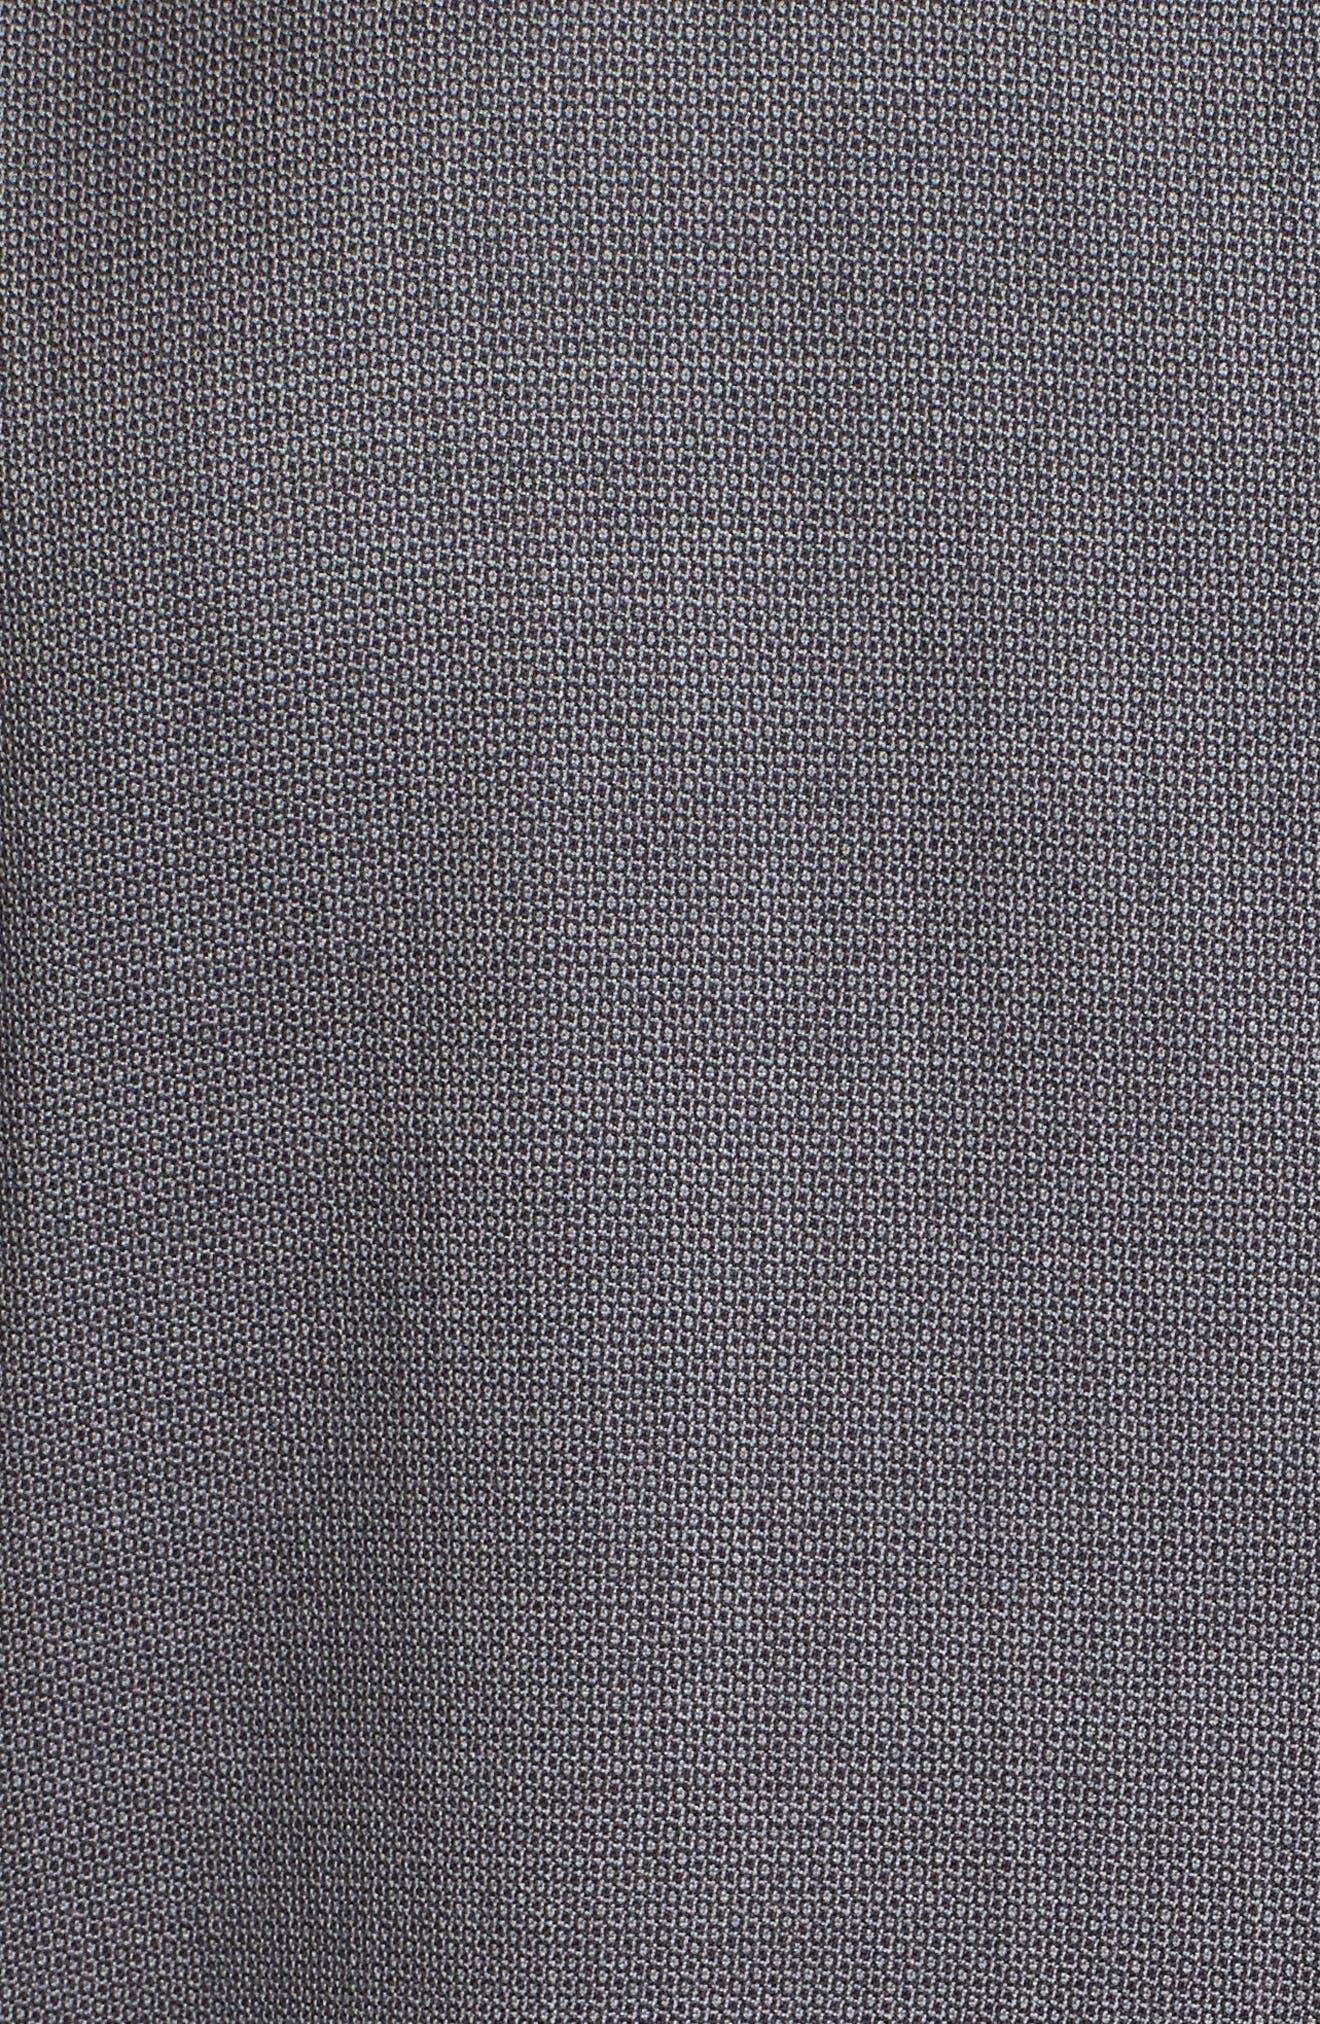 Kyle Trim Fit Solid Wool Suit,                             Alternate thumbnail 7, color,                             020